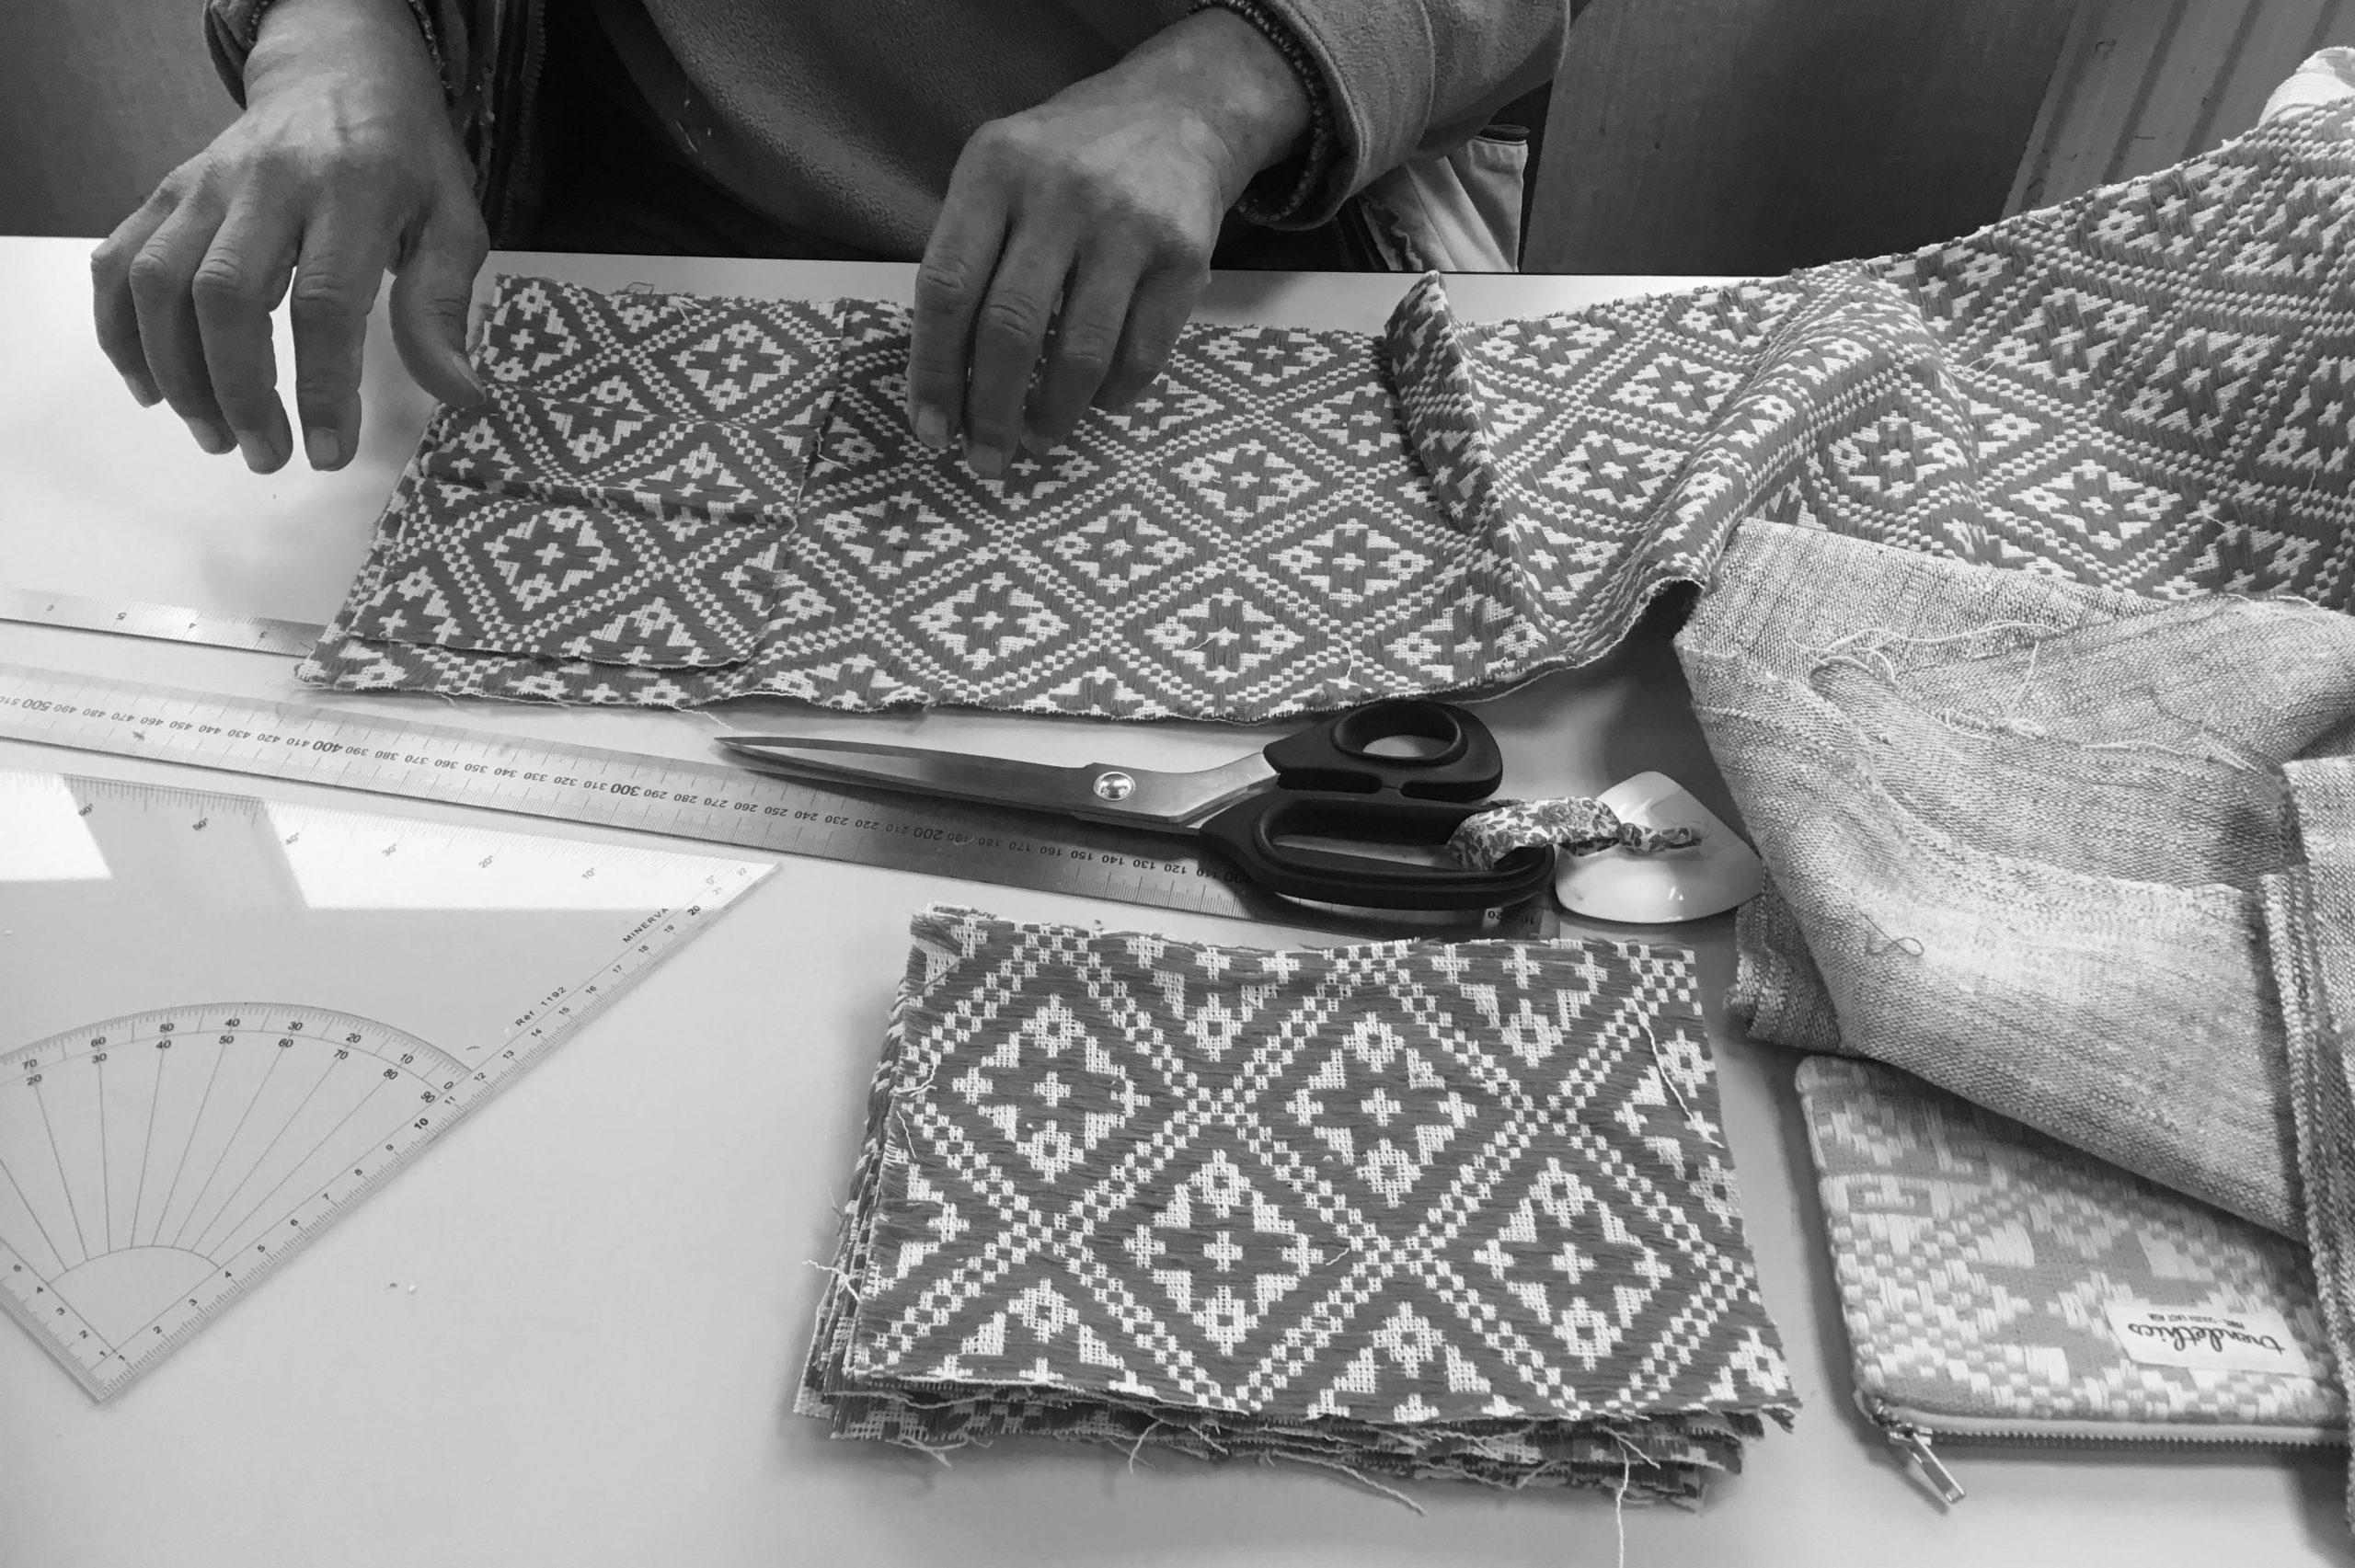 Lancement d'un atelier couture à Gennevilliers